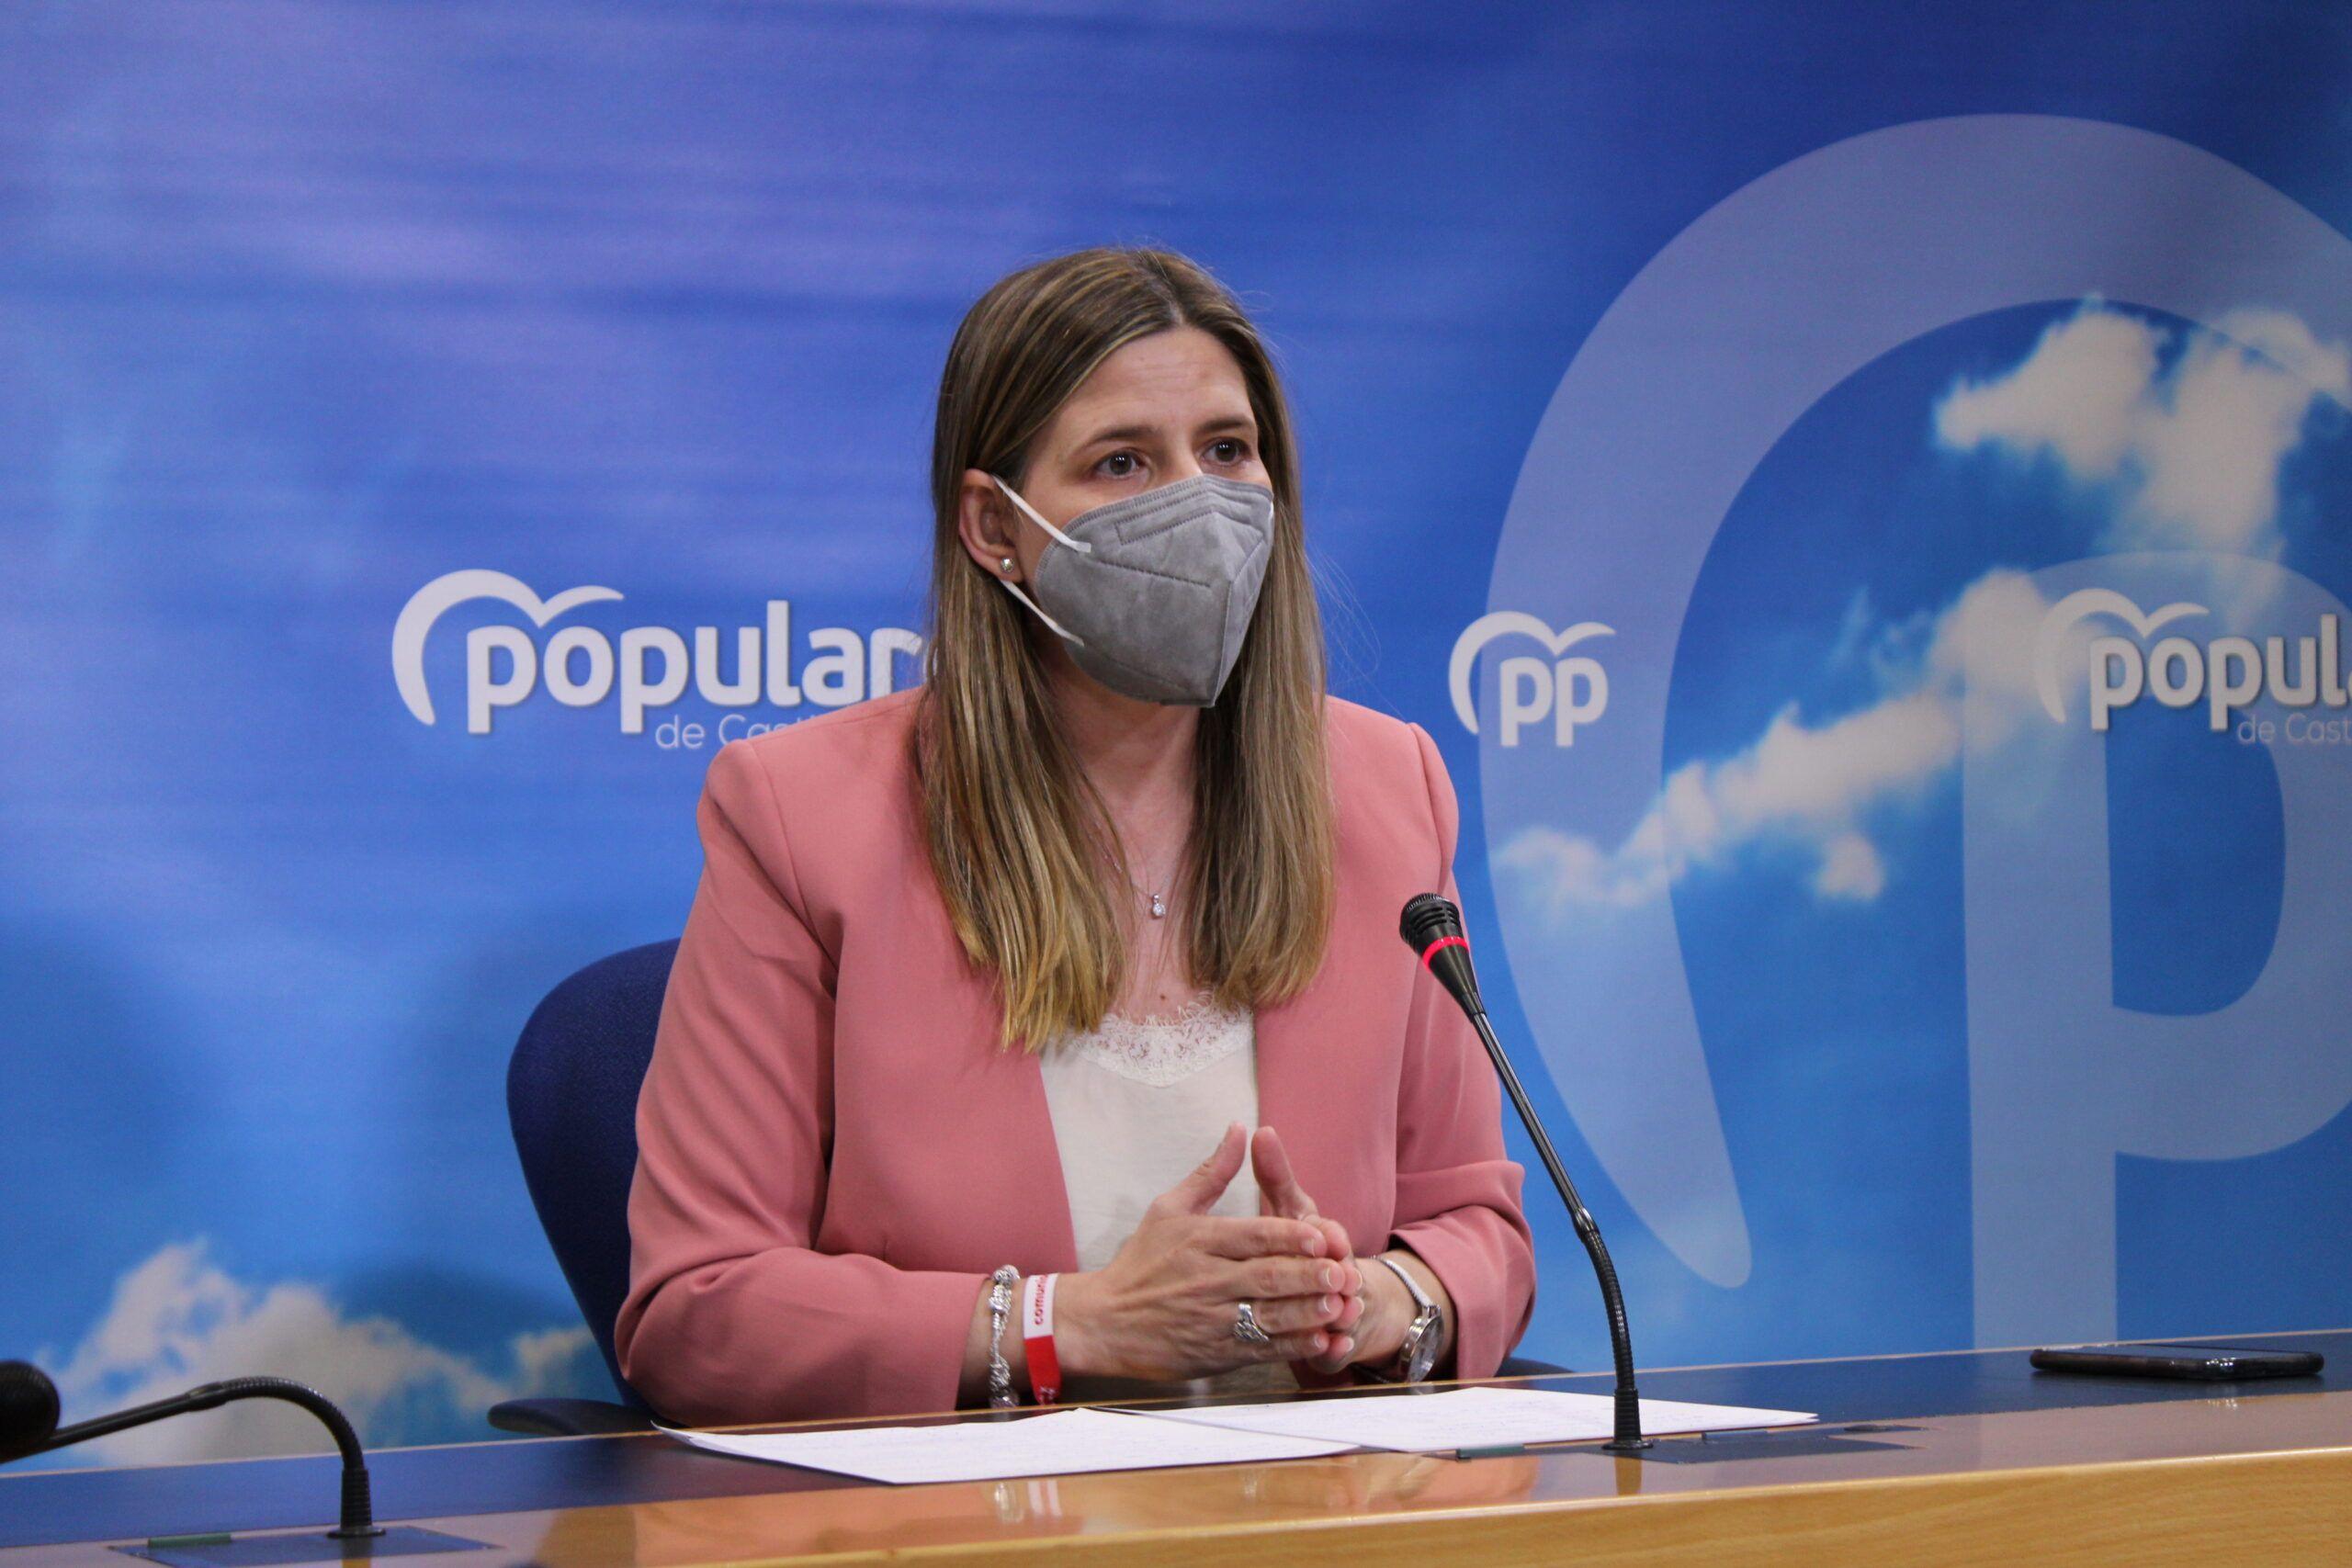 Agudo exige a Page que pida perdón a los profesionales sanitarios por sus `reiterados´ insultos y faltas de respeto en los peores momentos de la pandemia